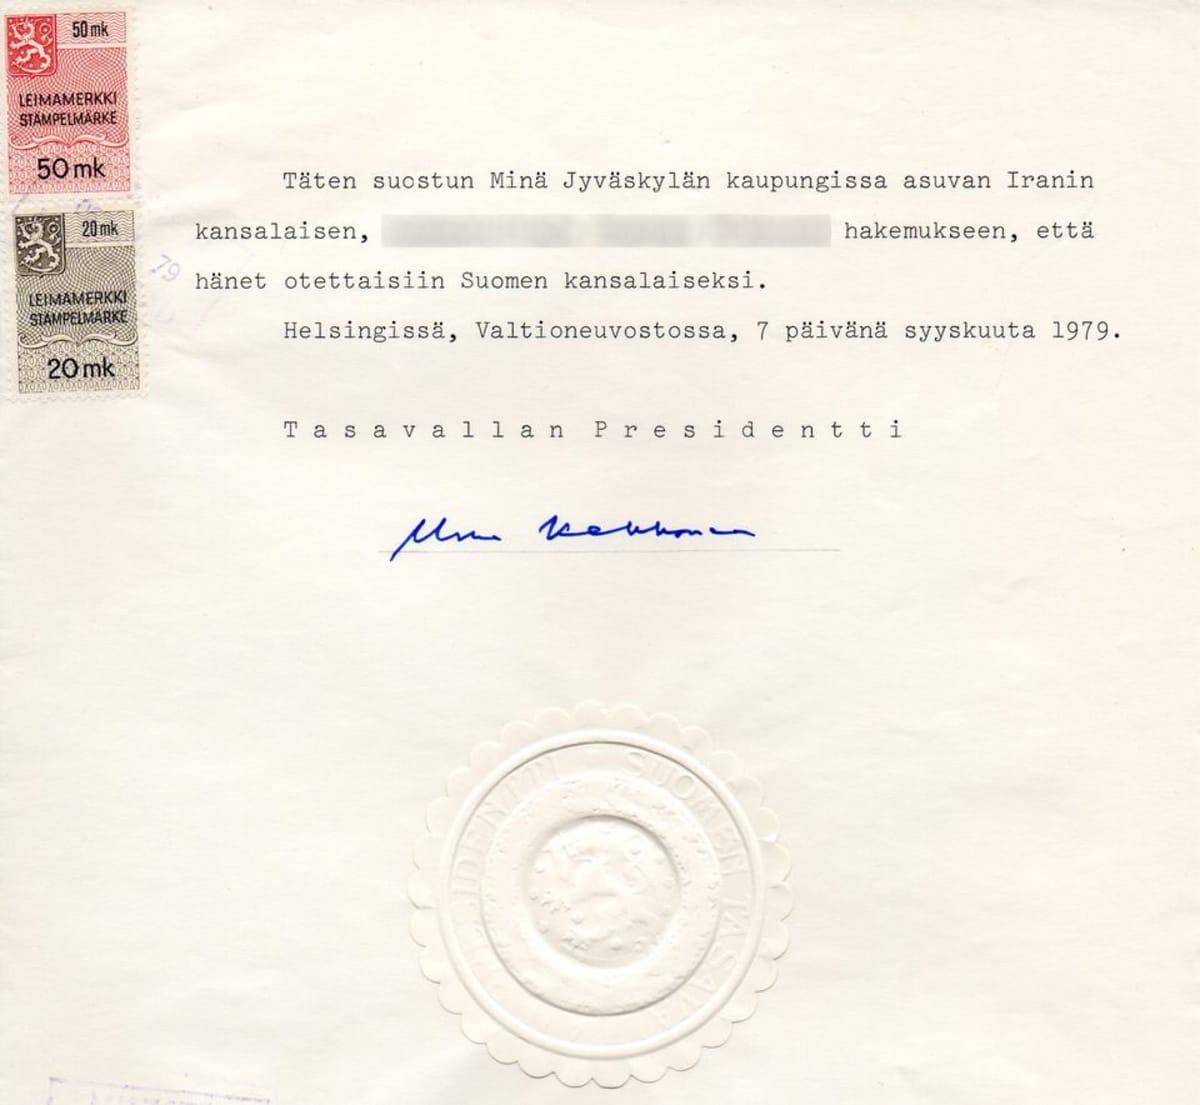 Presidentti Urho Kekkosen allekirjoittama Suomen kansalaisuus vuodelta 1979.